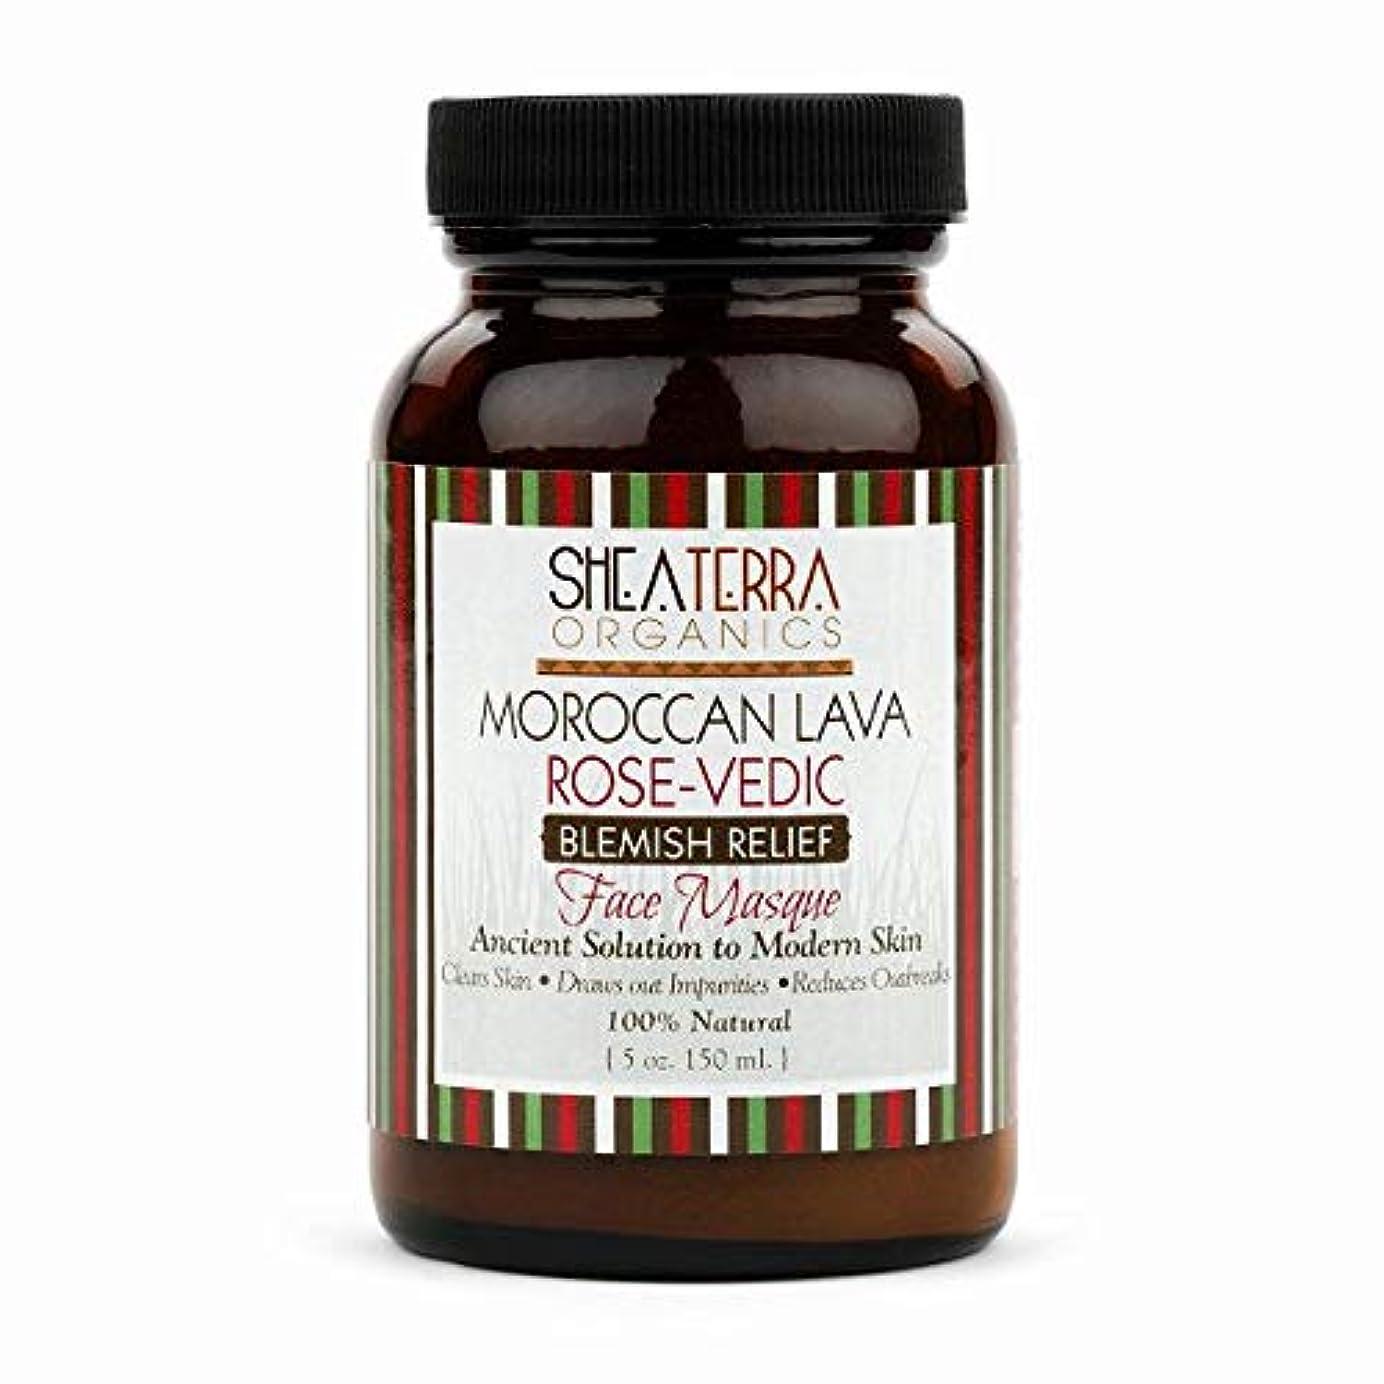 世界有害撃退するシアテラオーガニックス(Shea Terra Organics) モロカン ラバ&ローズ フェイス マスク [並行輸入品]